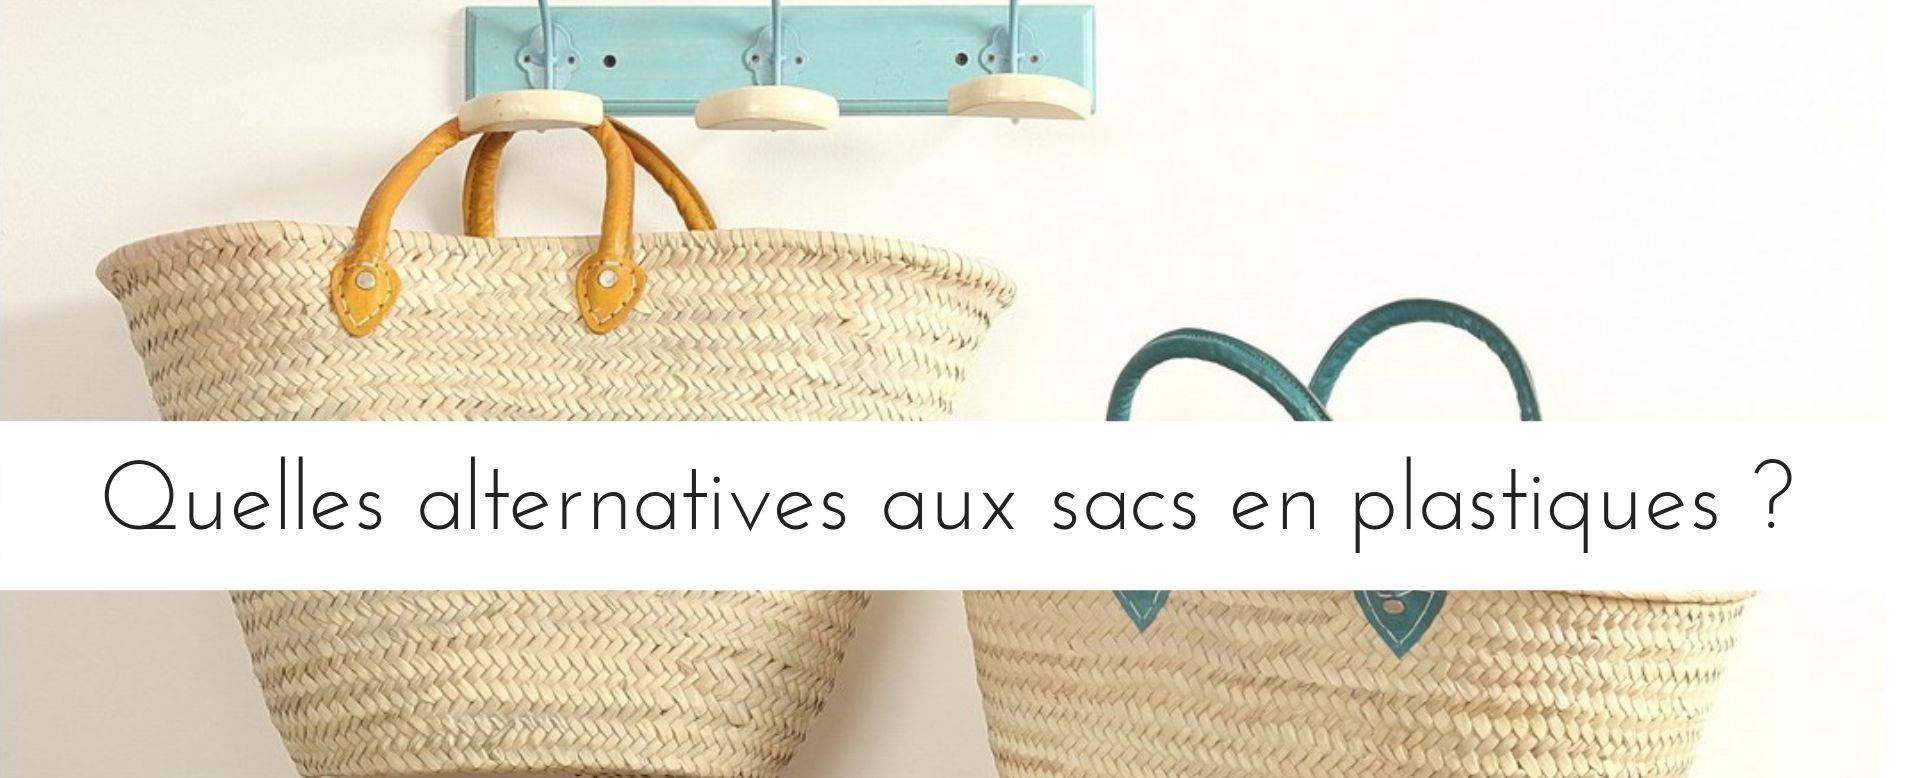 Quelles alternatives aux sacs en plastiques bandeau